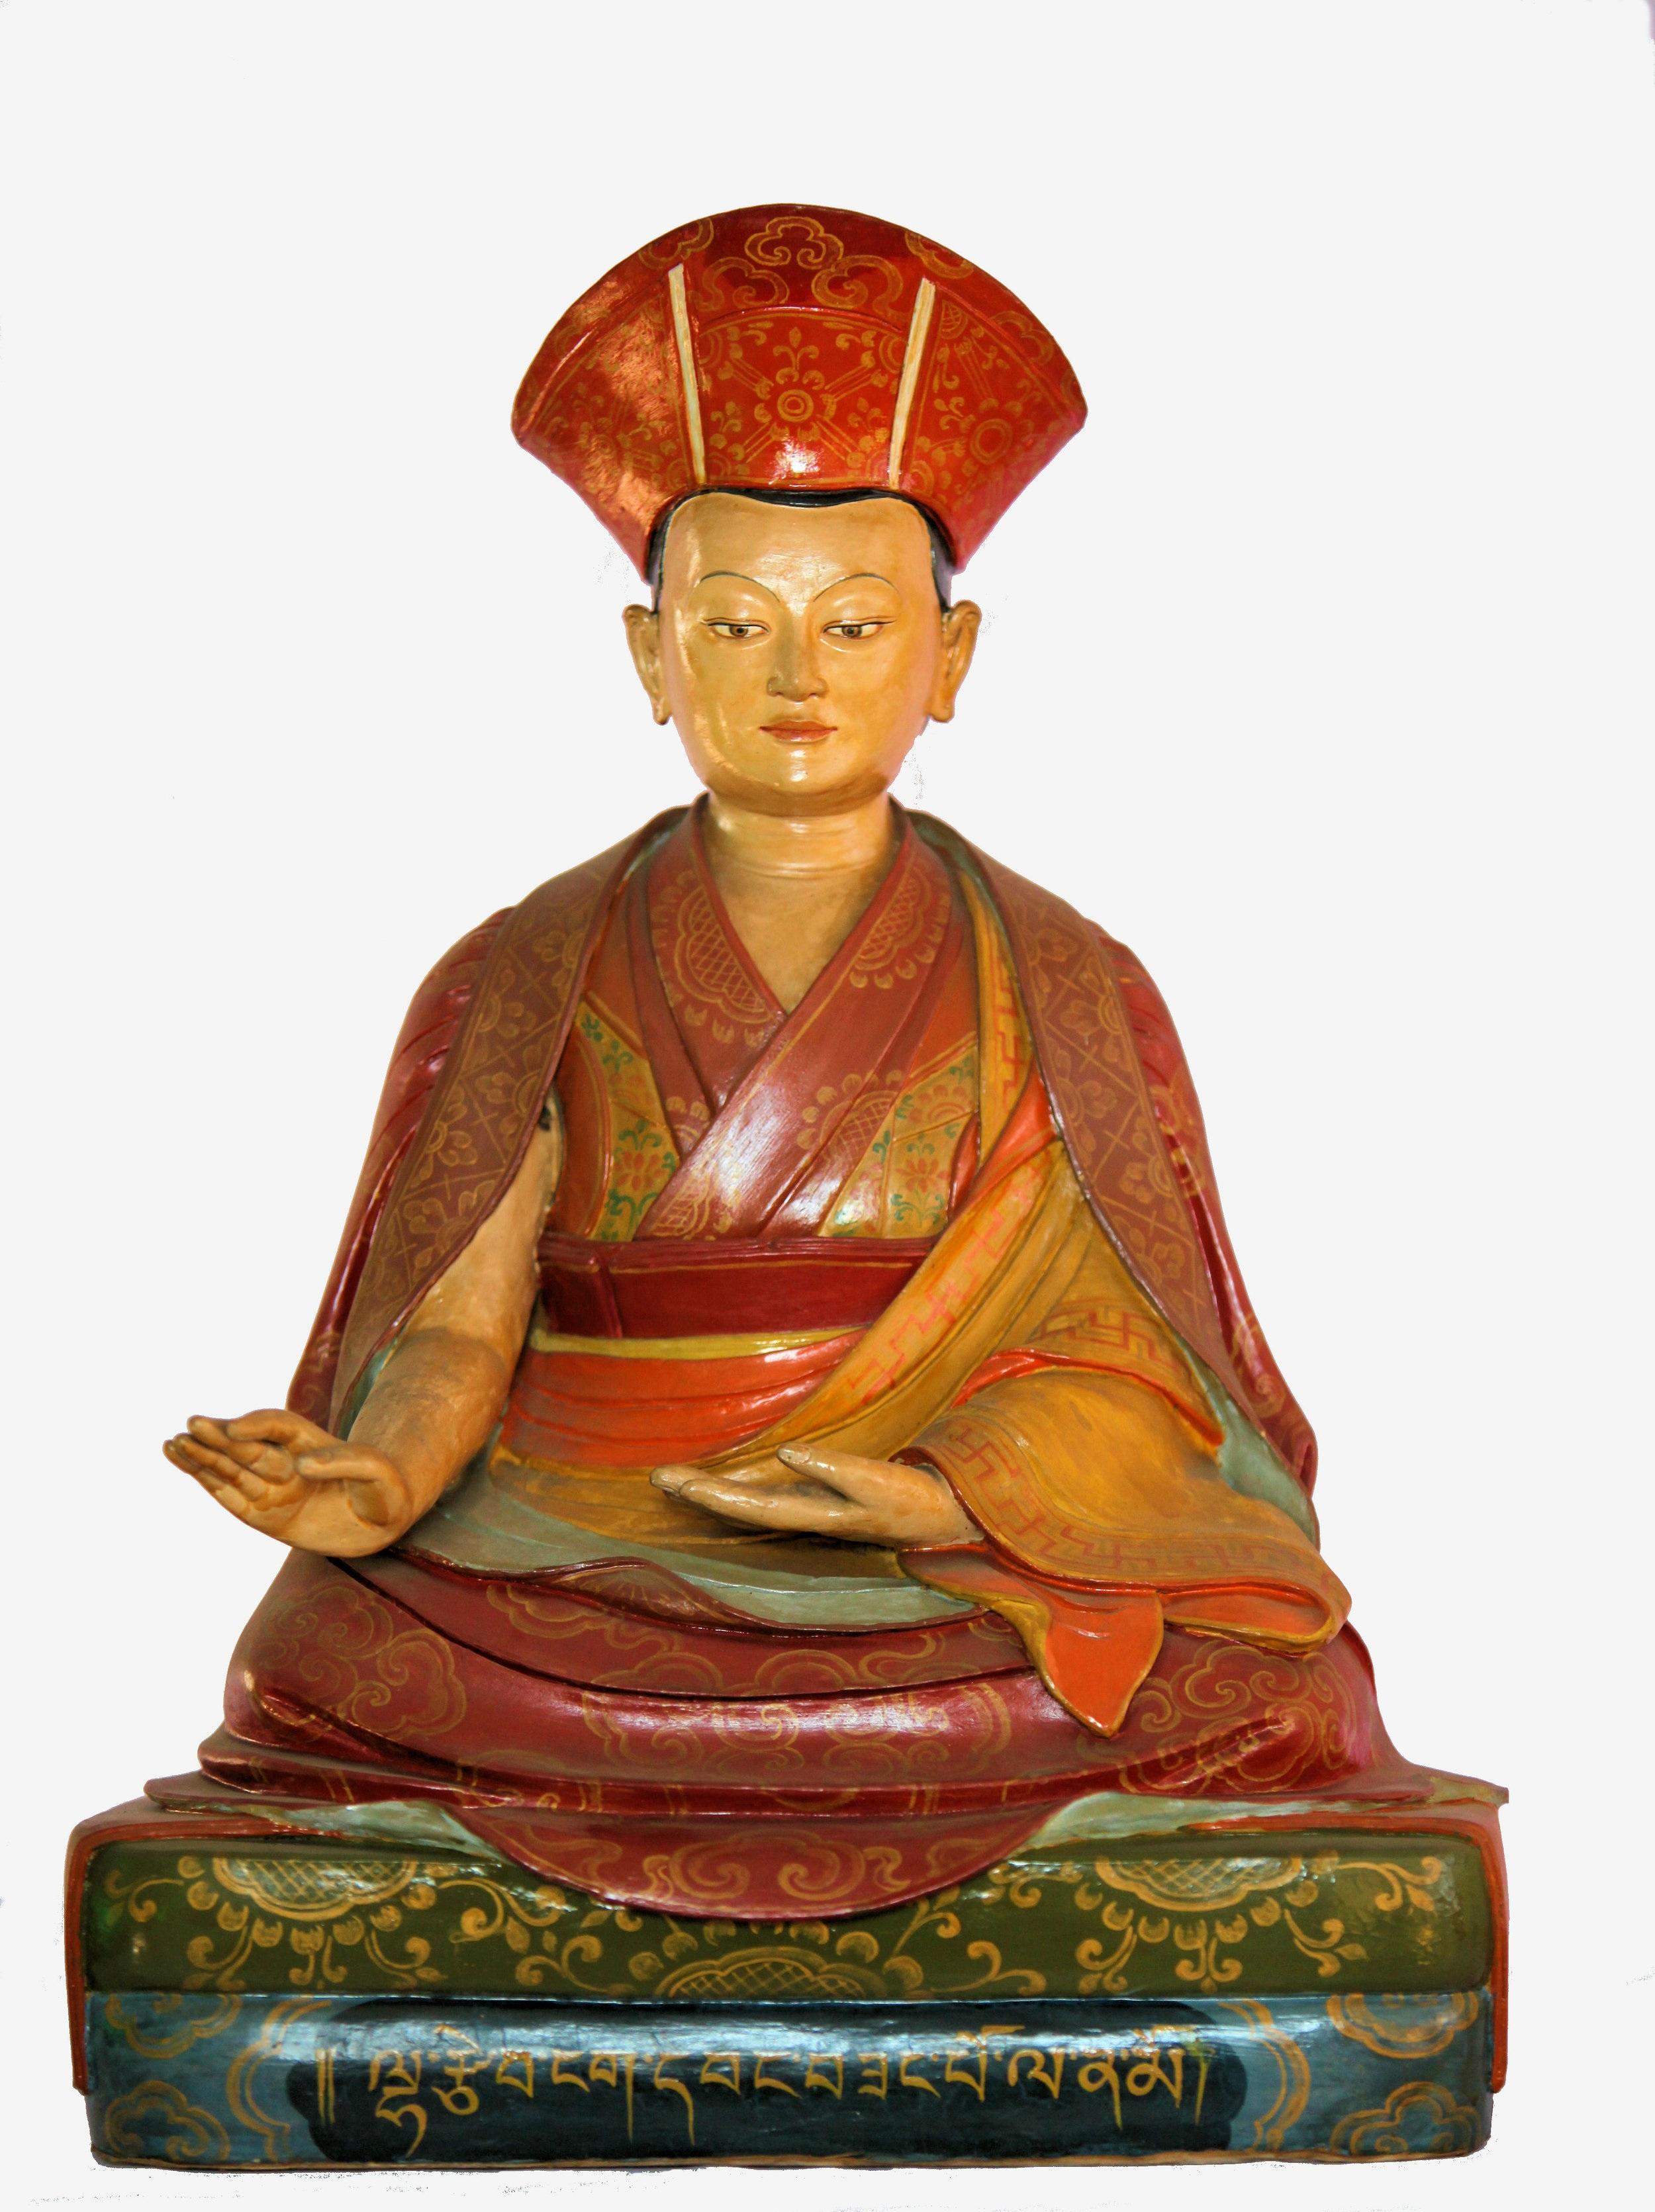 The 1st Drukpa Yongzin Rinpoche, Lhatsewa Ngawang Zangpo